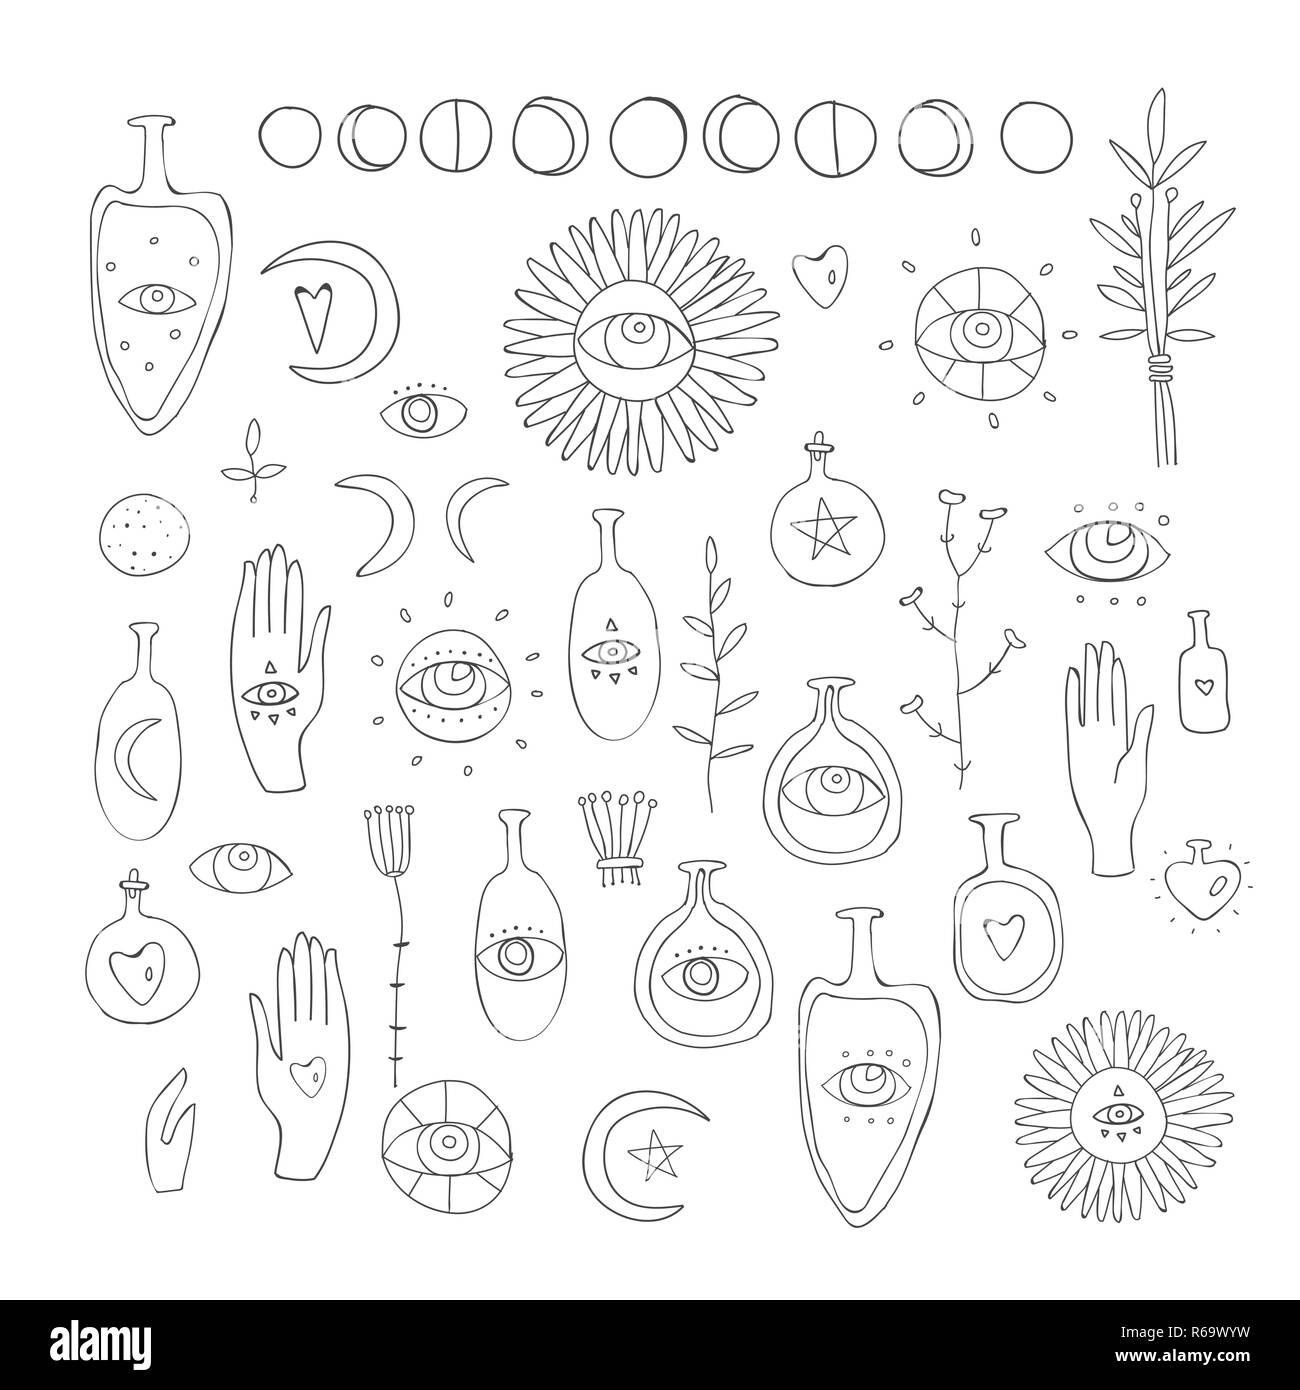 Hand Gezeichnet Vektor Design Elemente Zeichnung Der Esoterische